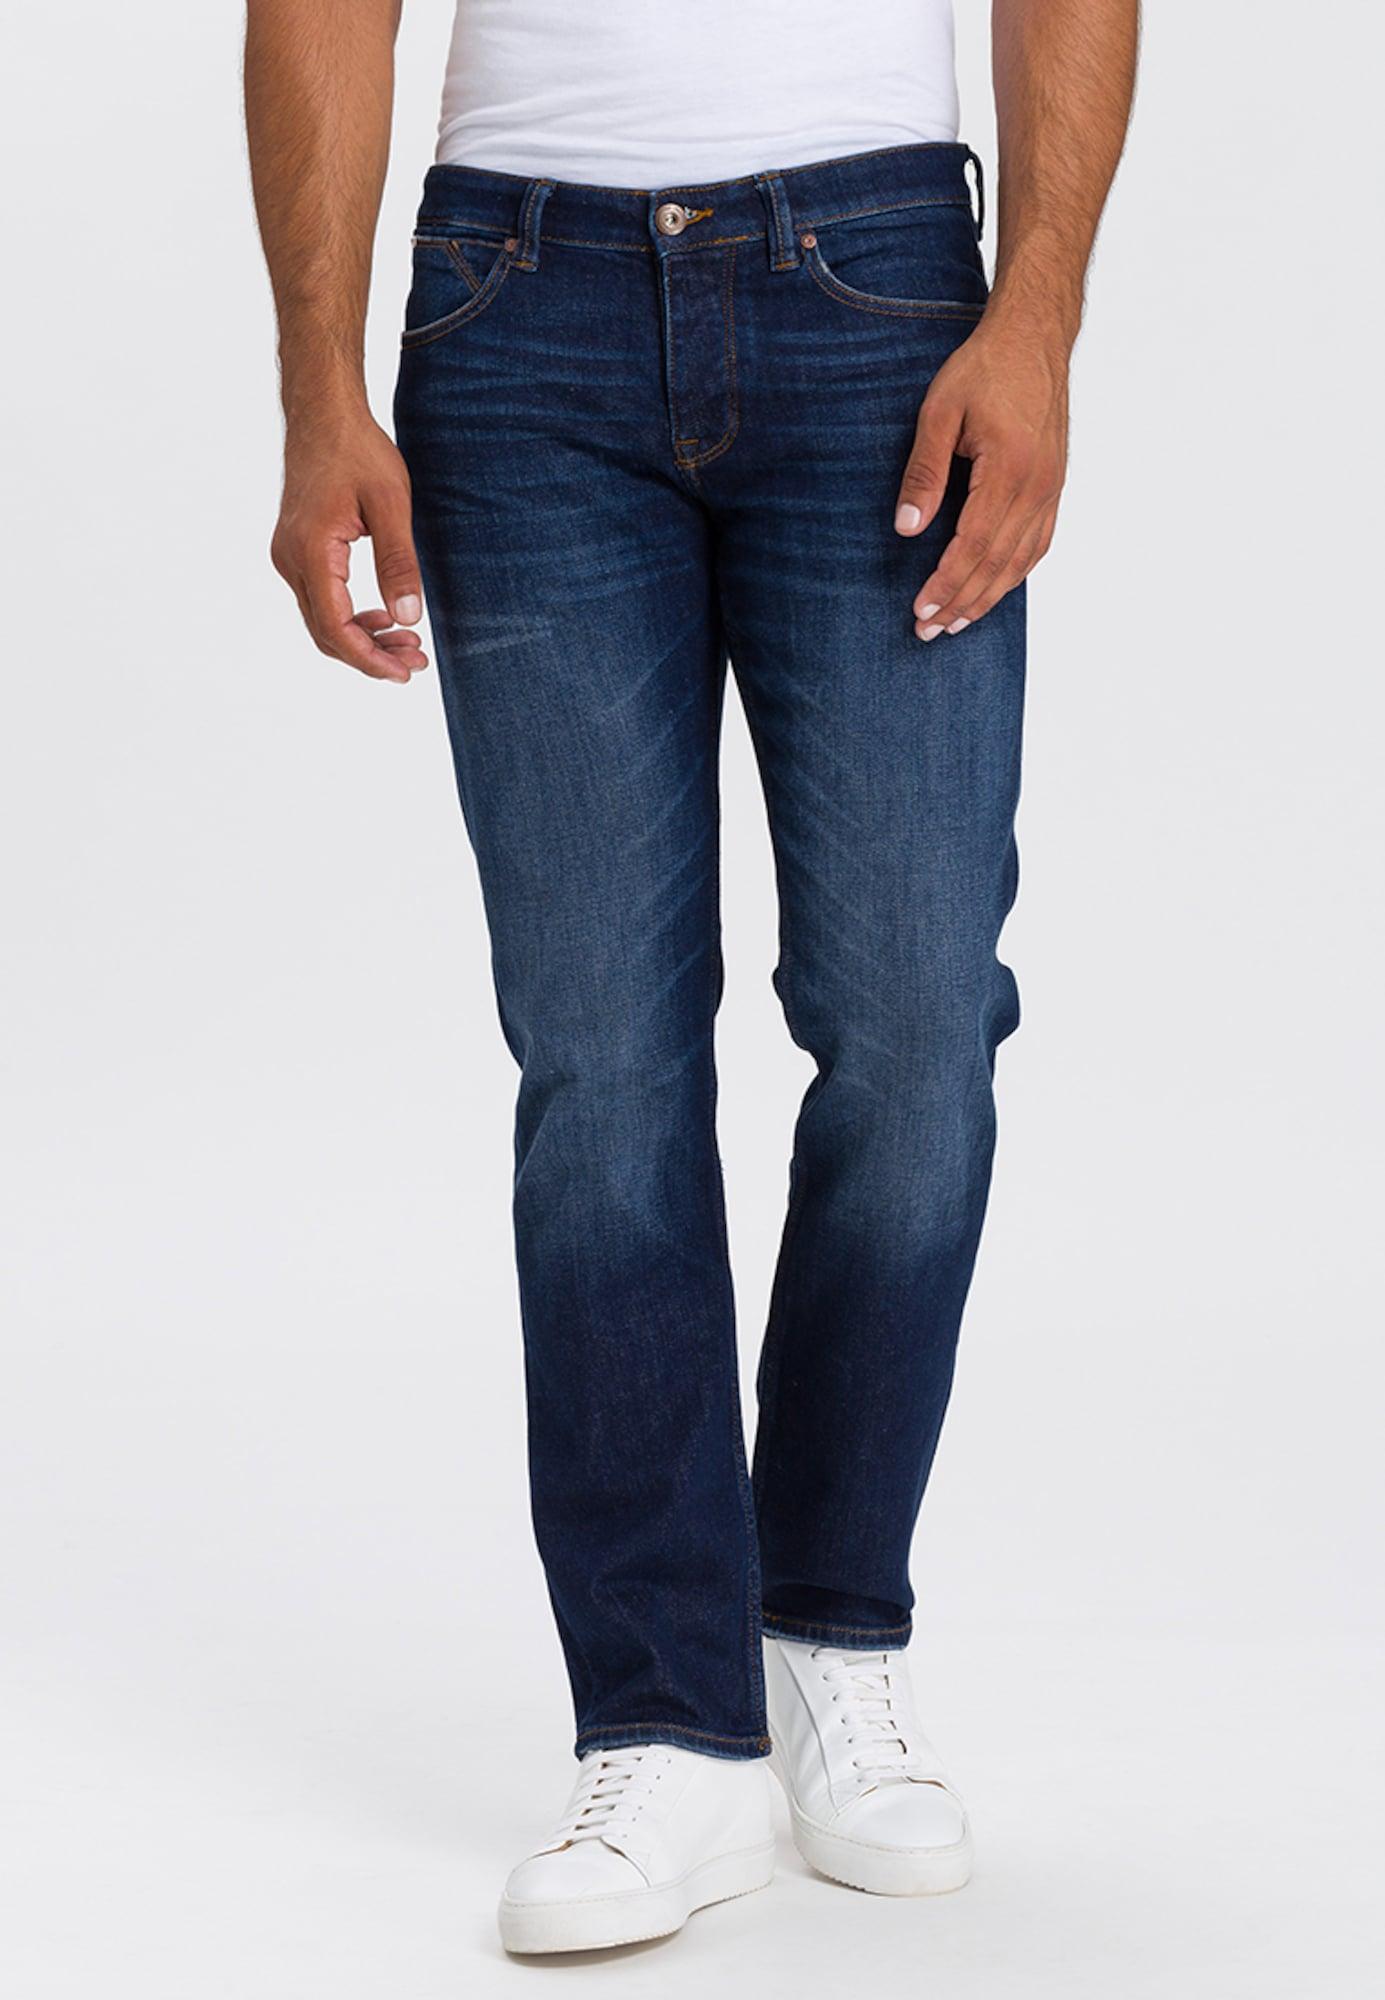 Džíny Dylan modrá džínovina Cross Jeans